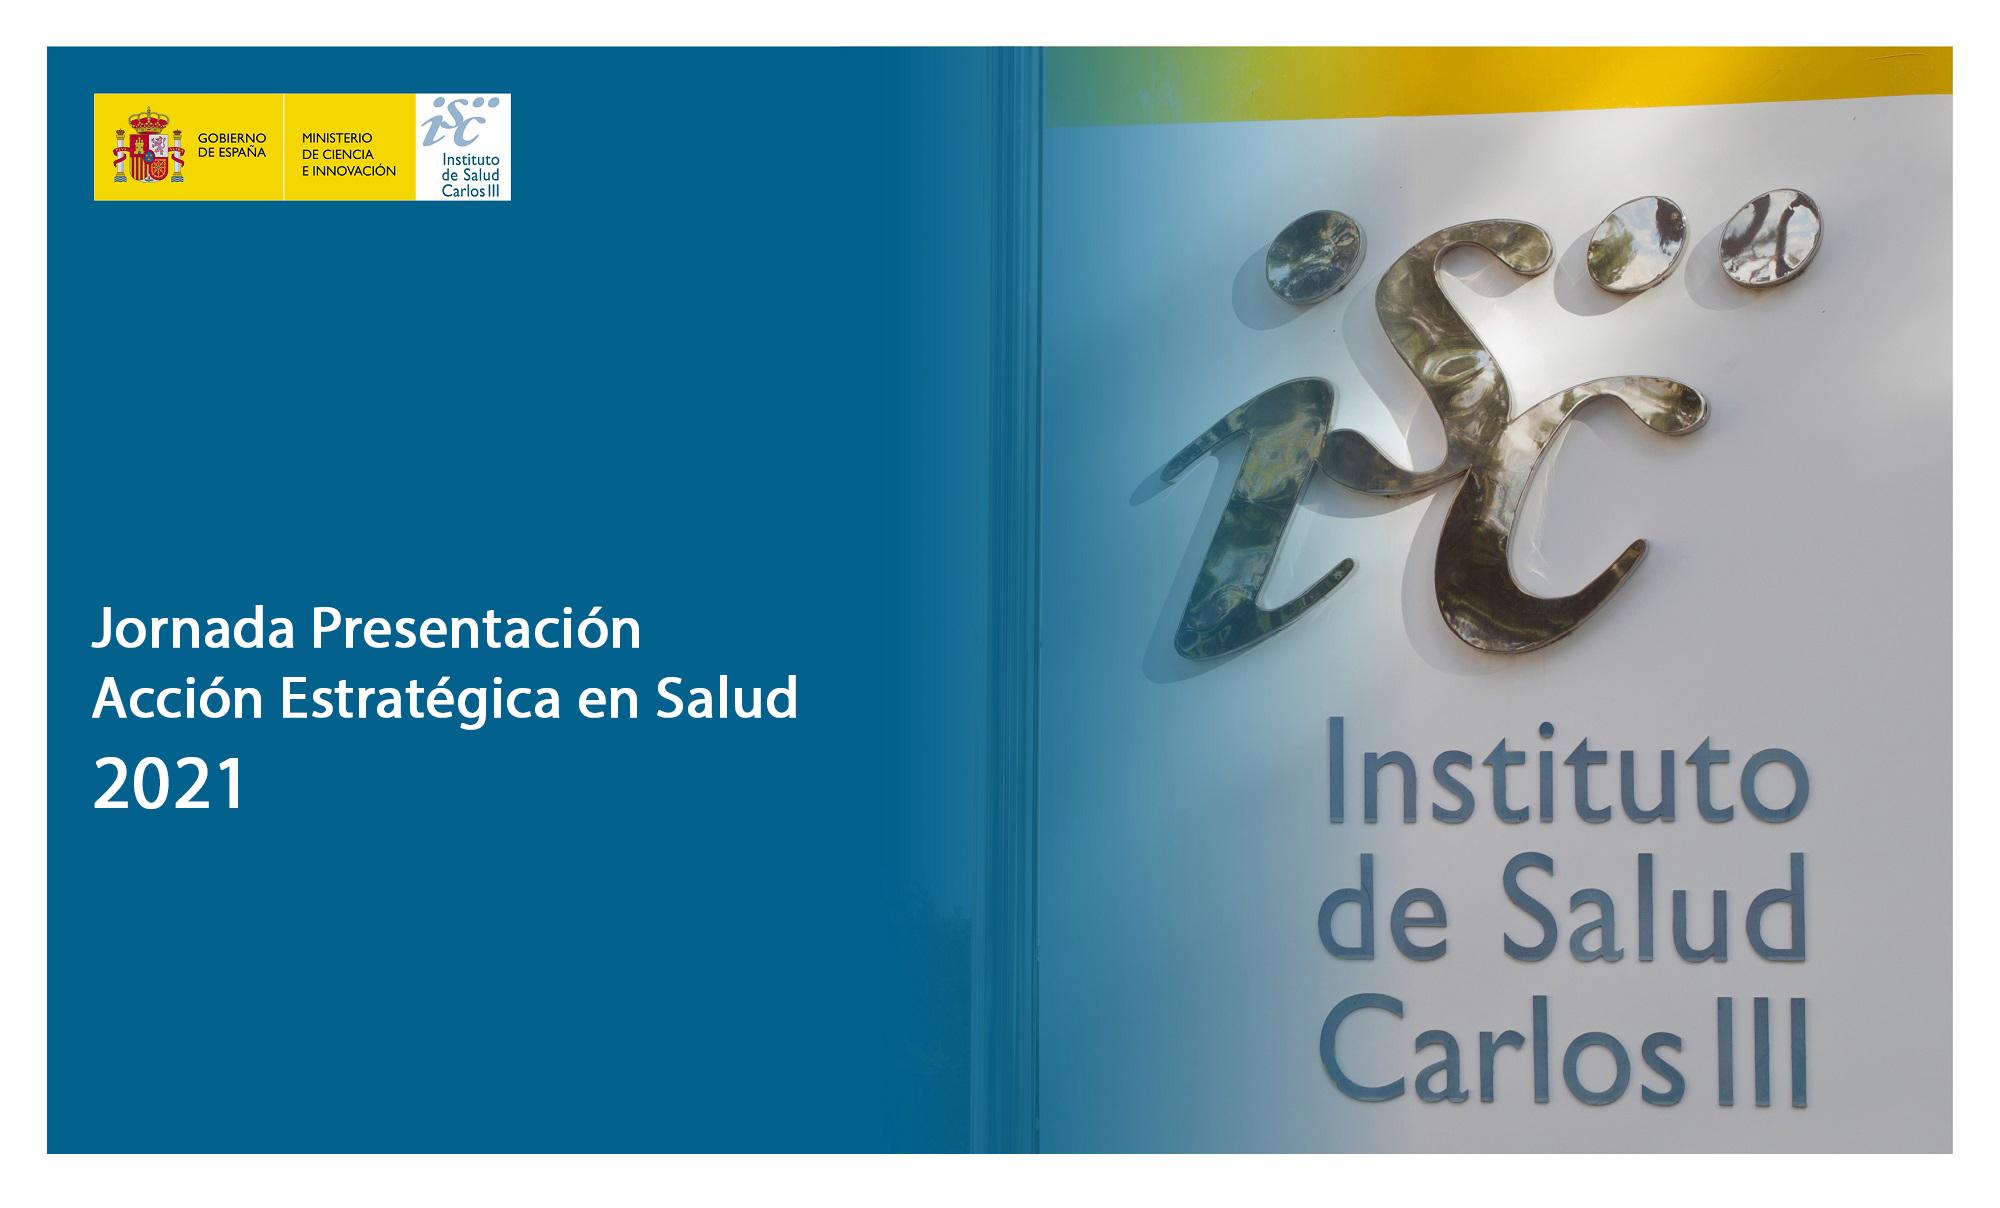 Jornada Presentación de la Acción Estratégica en Salud 2021